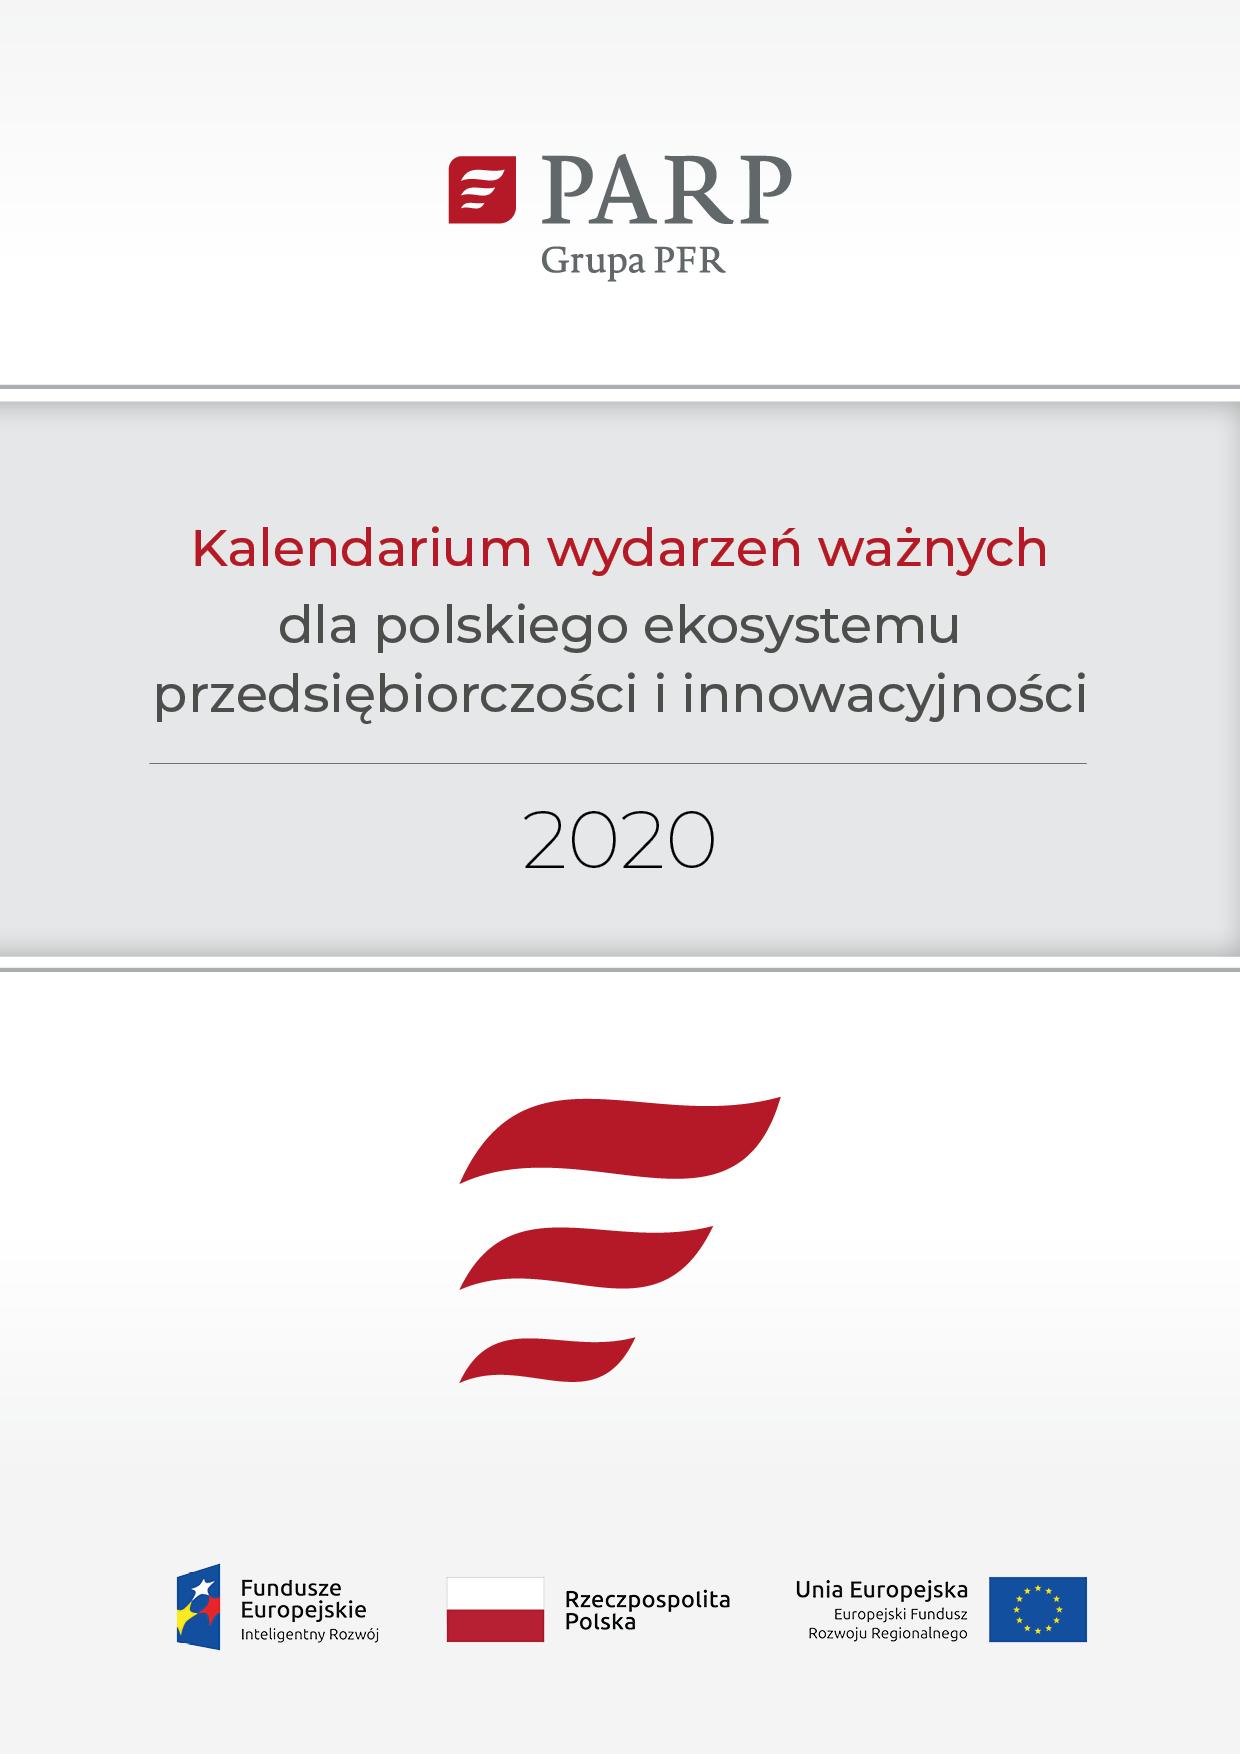 Kalendarium ważnych wydarzeń dla polskiego ekosystemu przedsiębiorczości i innowacyjności w 2020 r.